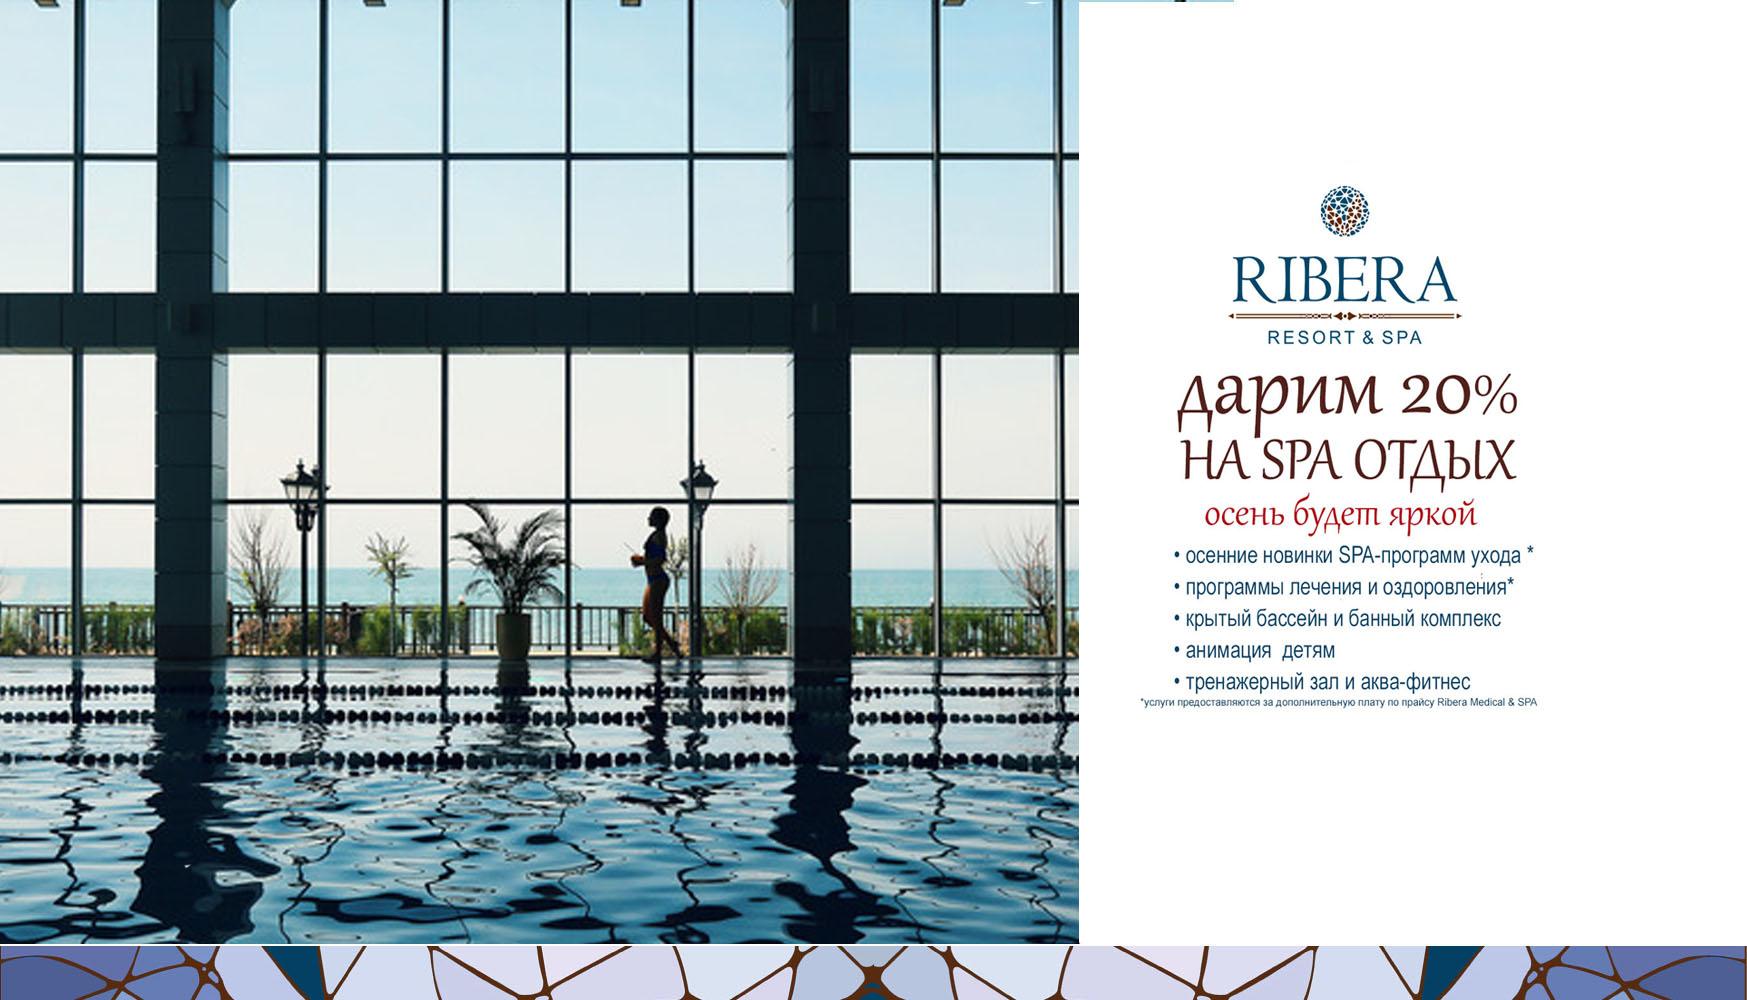 Акция отели Крыма, акция в SPA, спа-отель